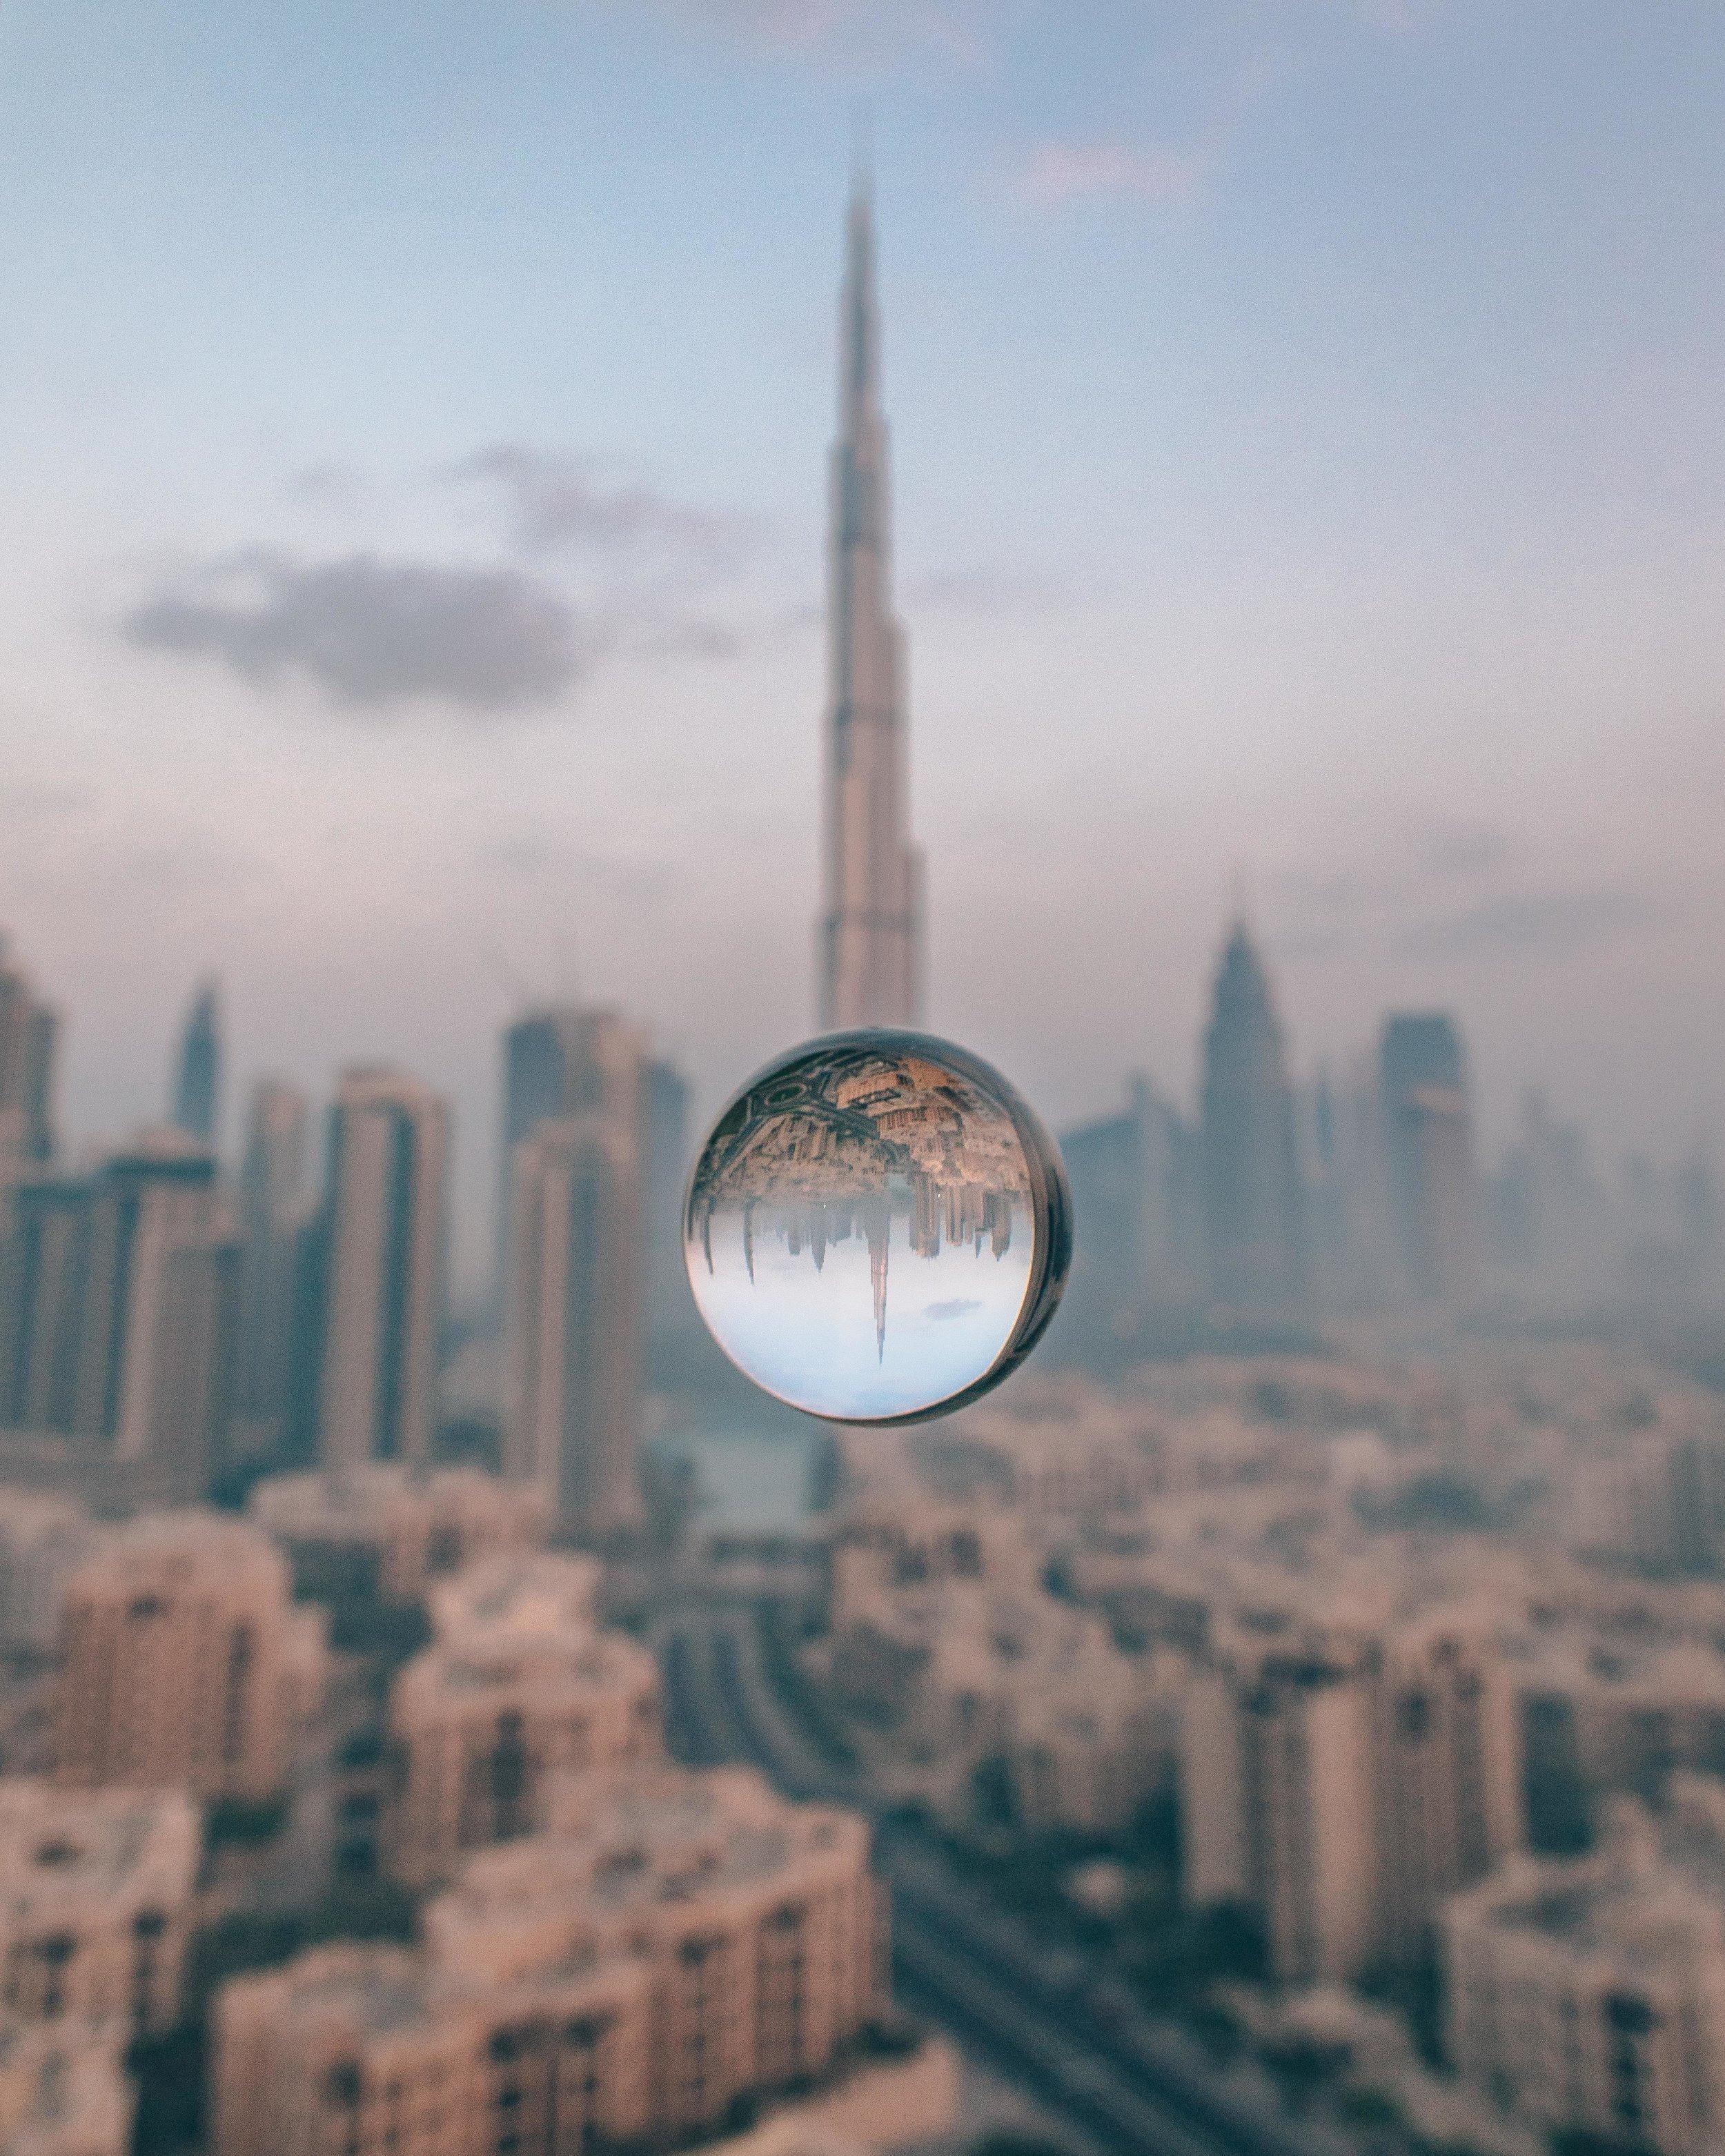 Dubai_CrystalBall-1.jpg